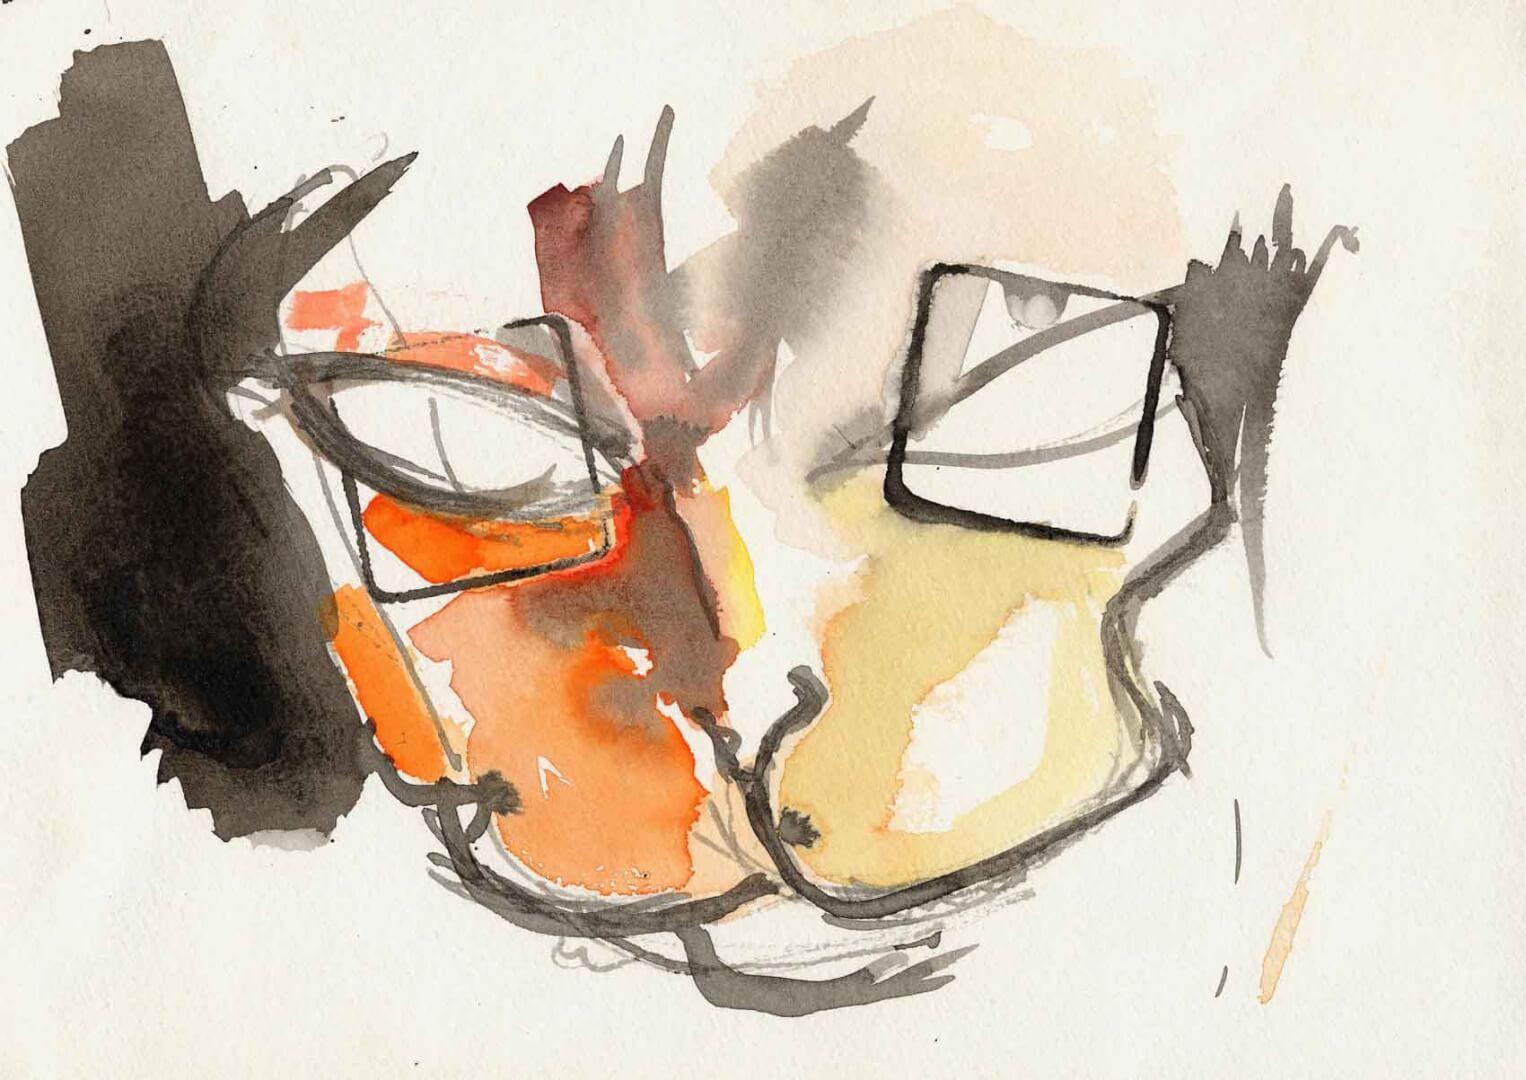 Chat verres correcteurs © David Noir | Dessins, peintures, collages